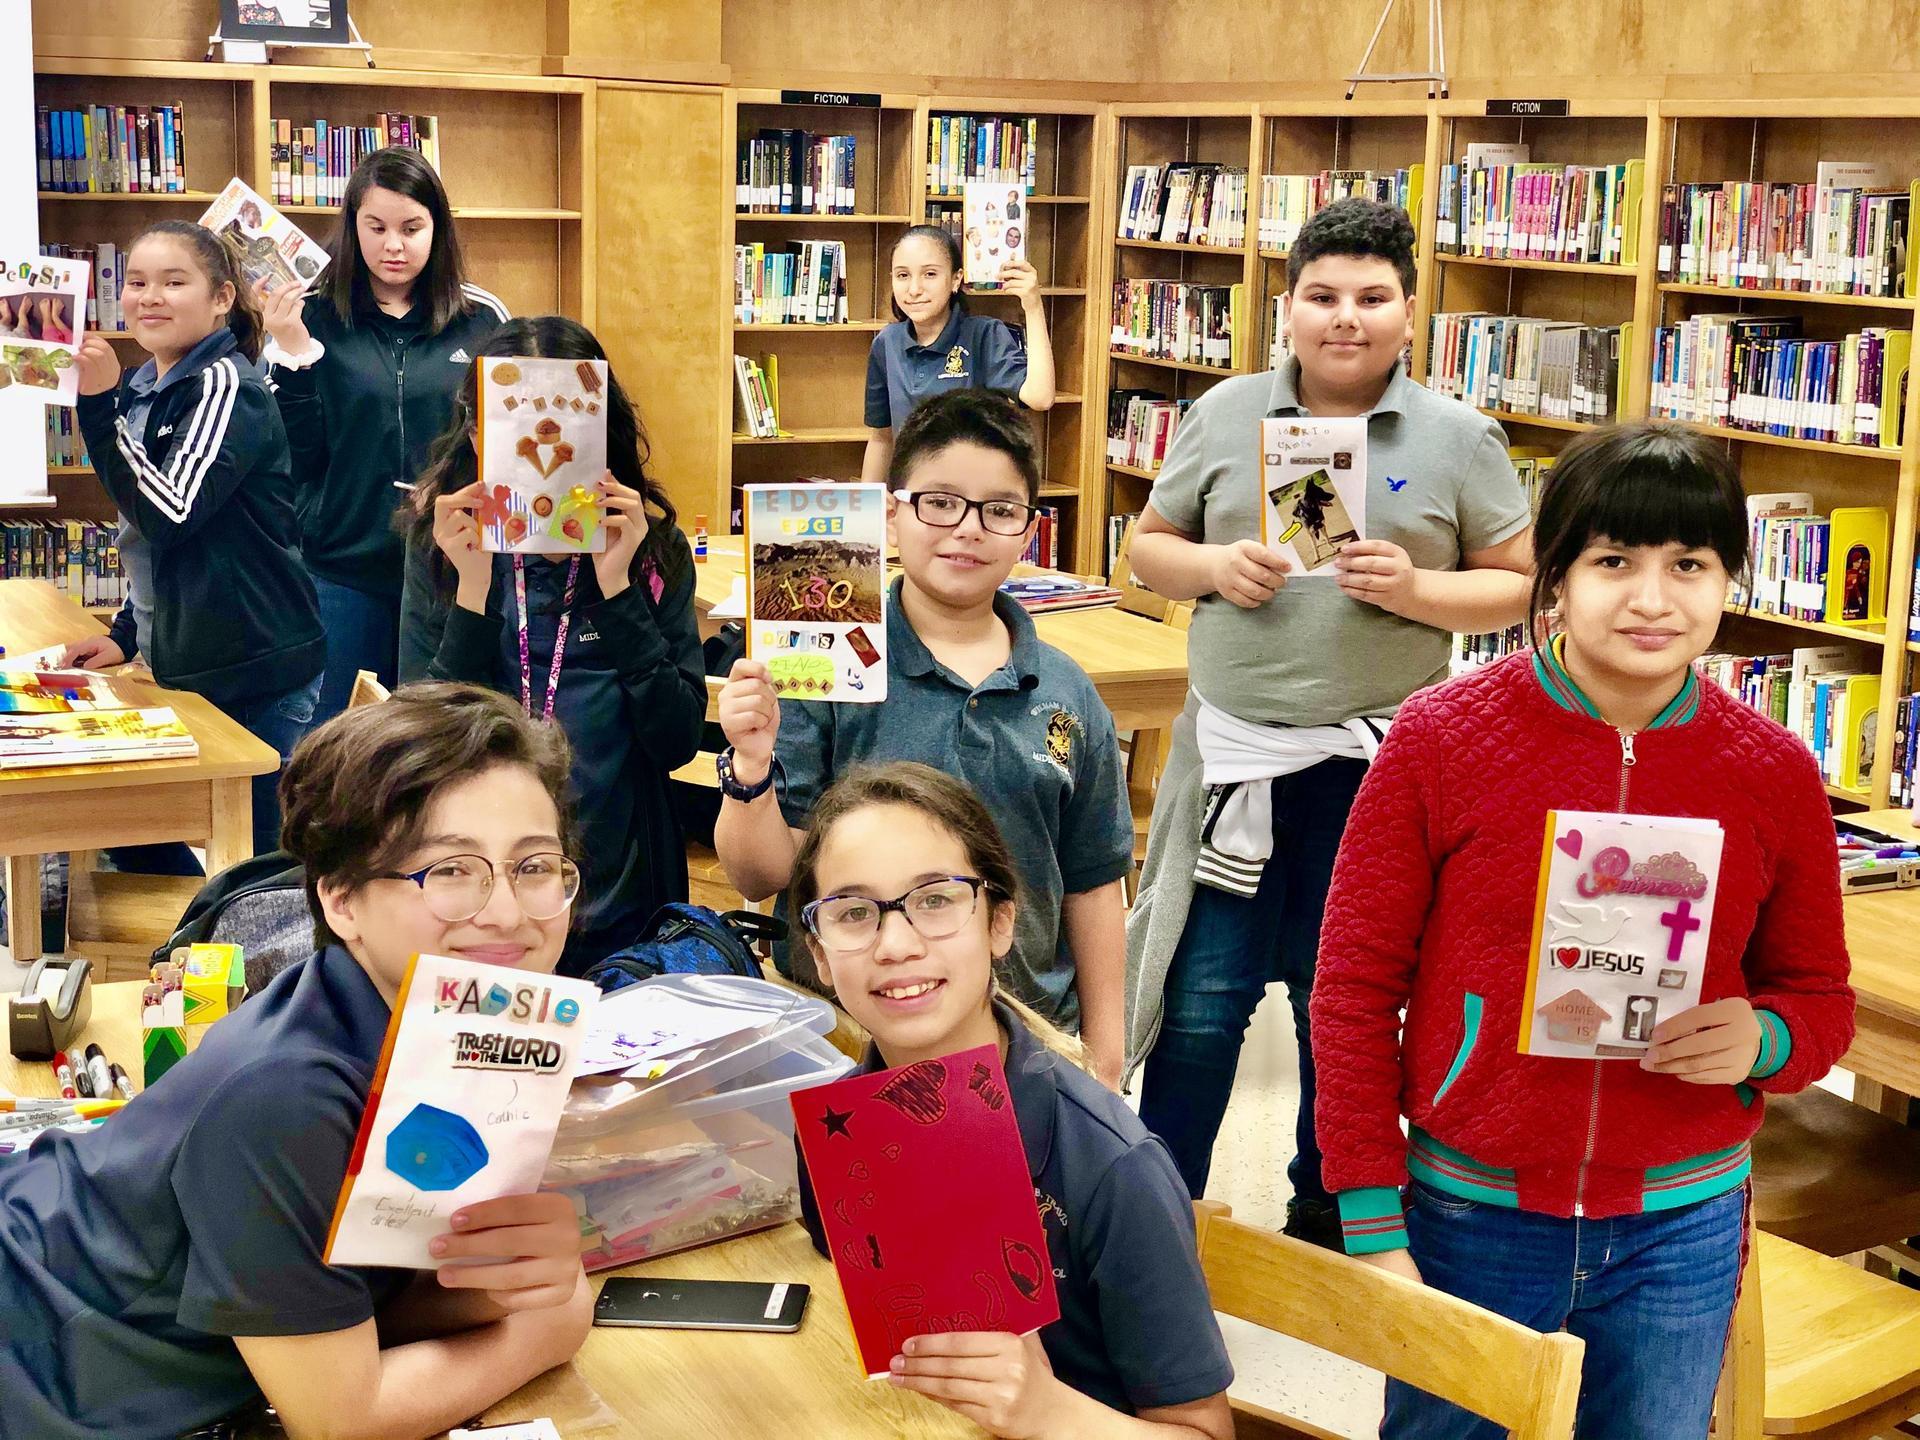 Book Club members pose.